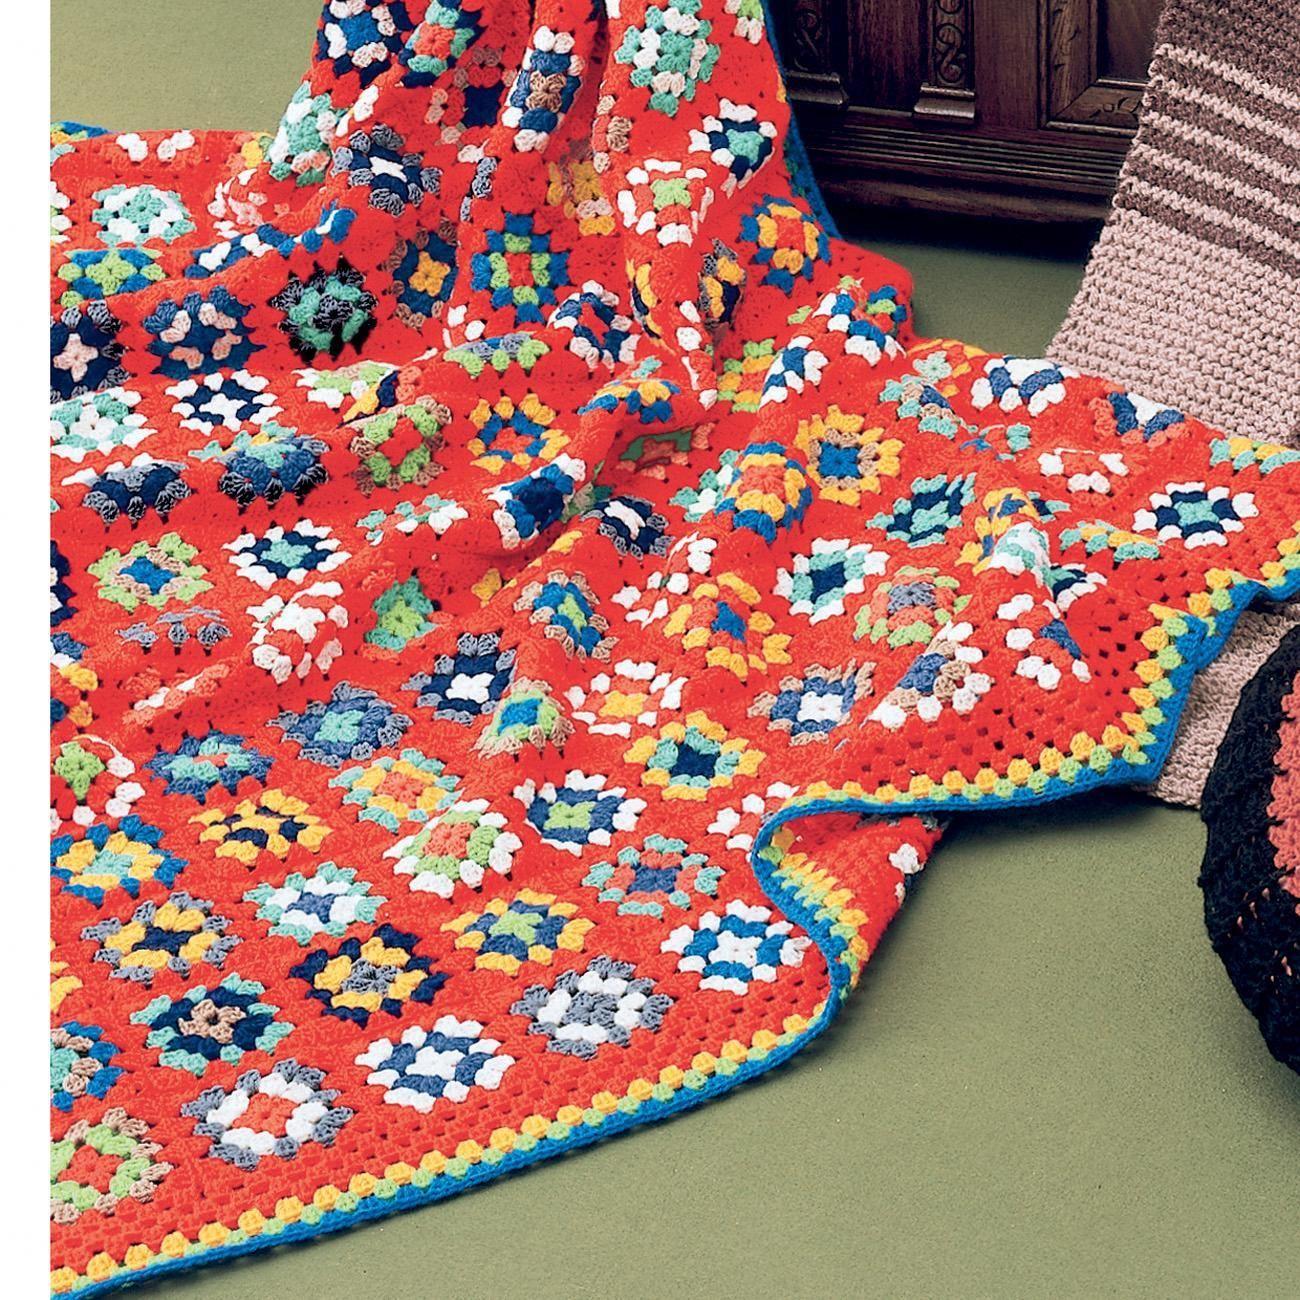 modell 228 6 geh kelte patchworkdecke aus poco von junghans wolle home deko h kelmodelle. Black Bedroom Furniture Sets. Home Design Ideas